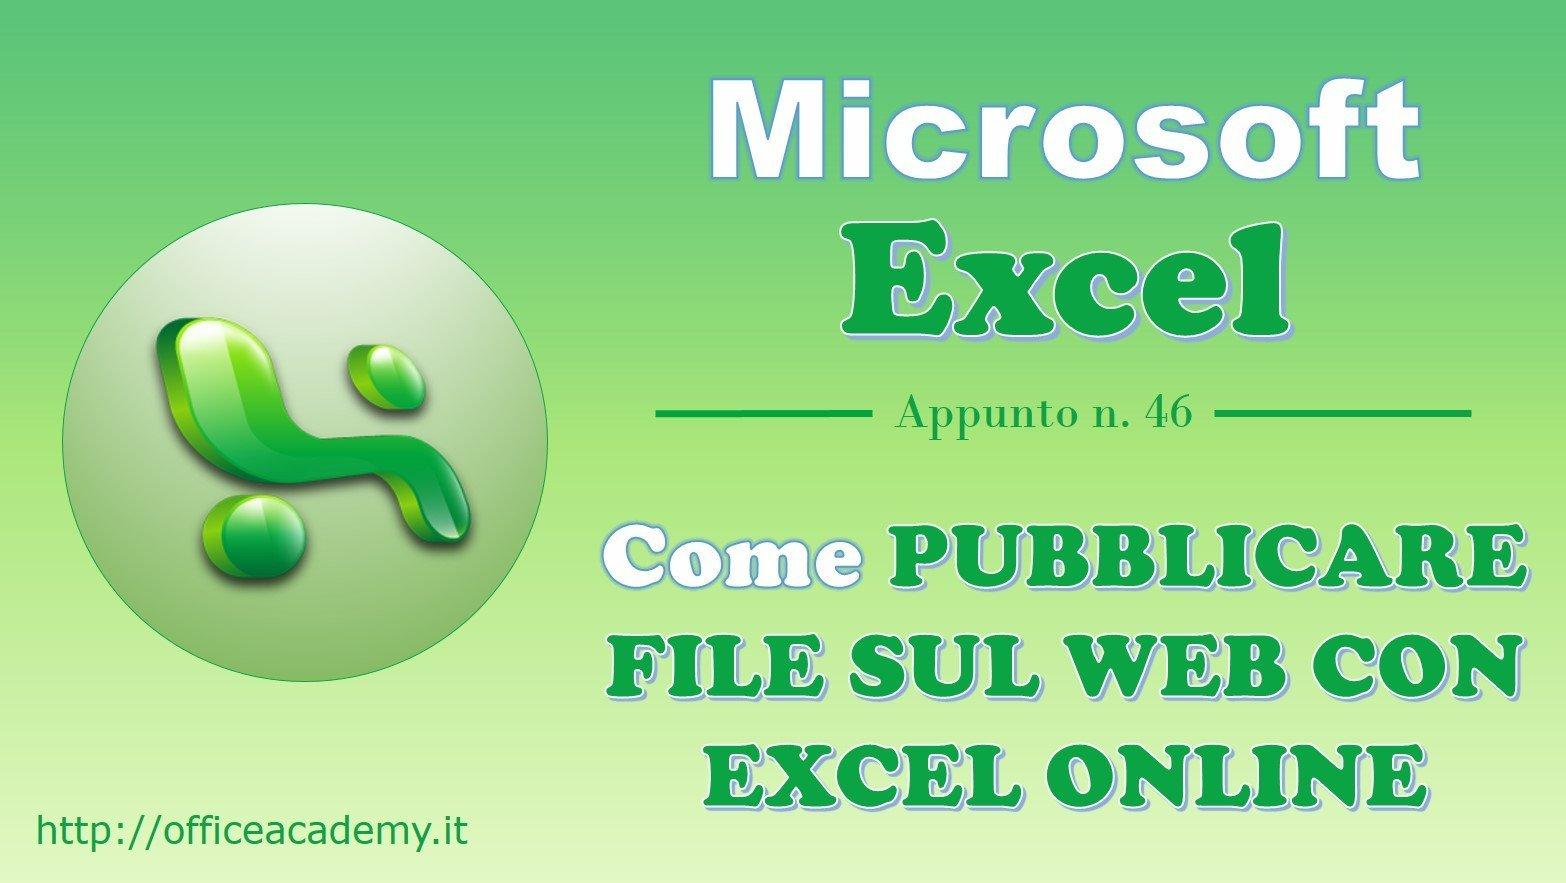 Come pubblicare file sul web con Excel Online